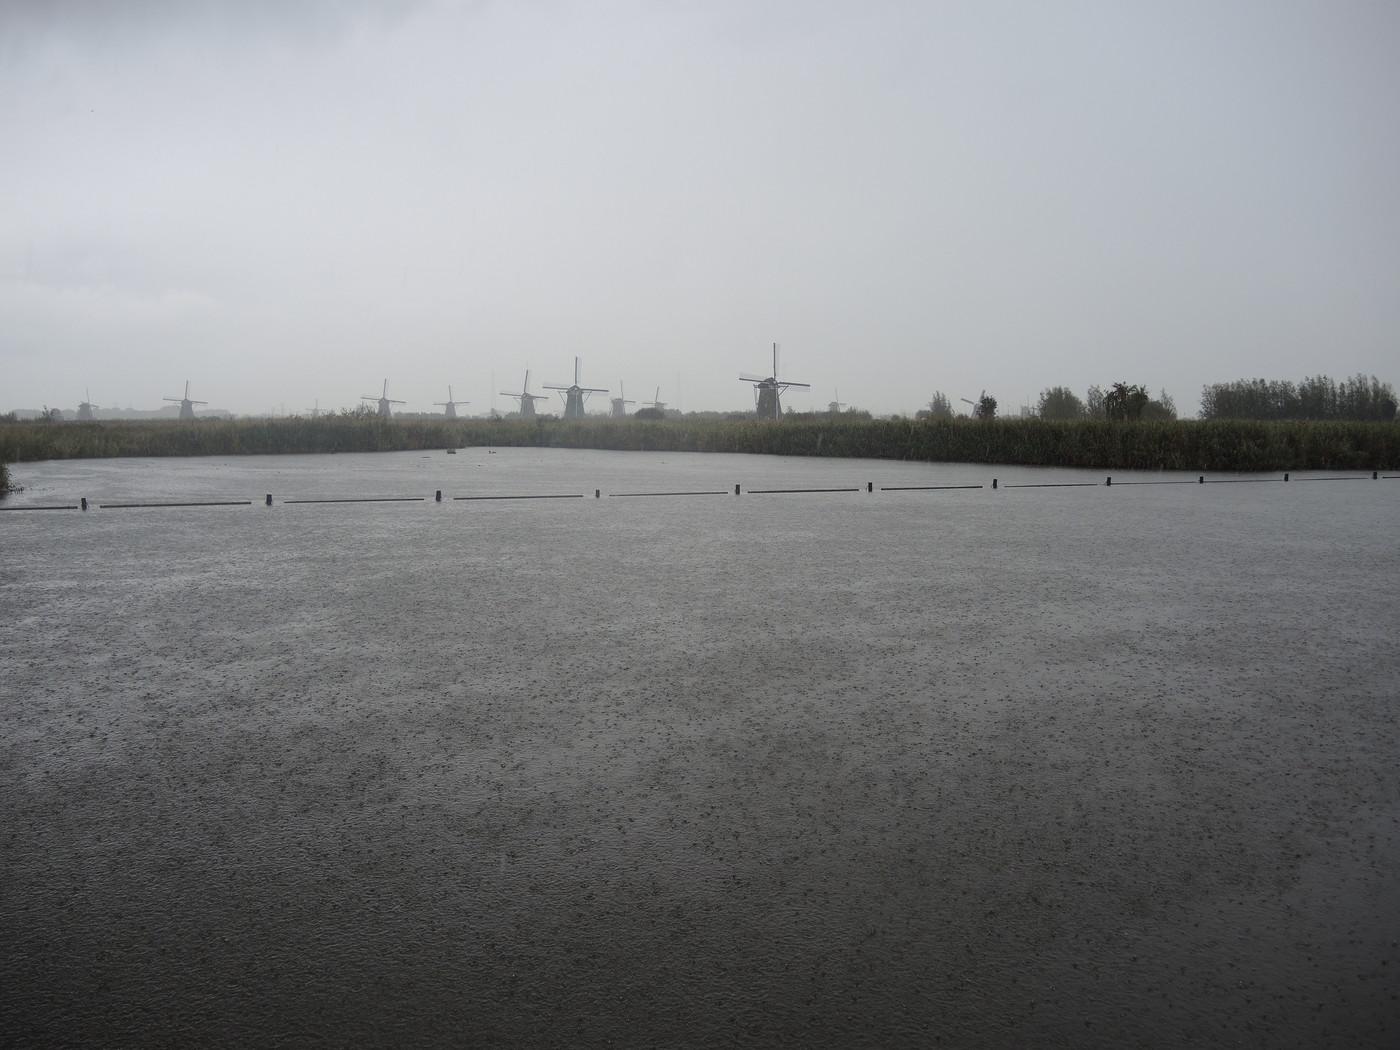 20170930 151937_Kinderdijk_Kinderdijk_NLD.JPG